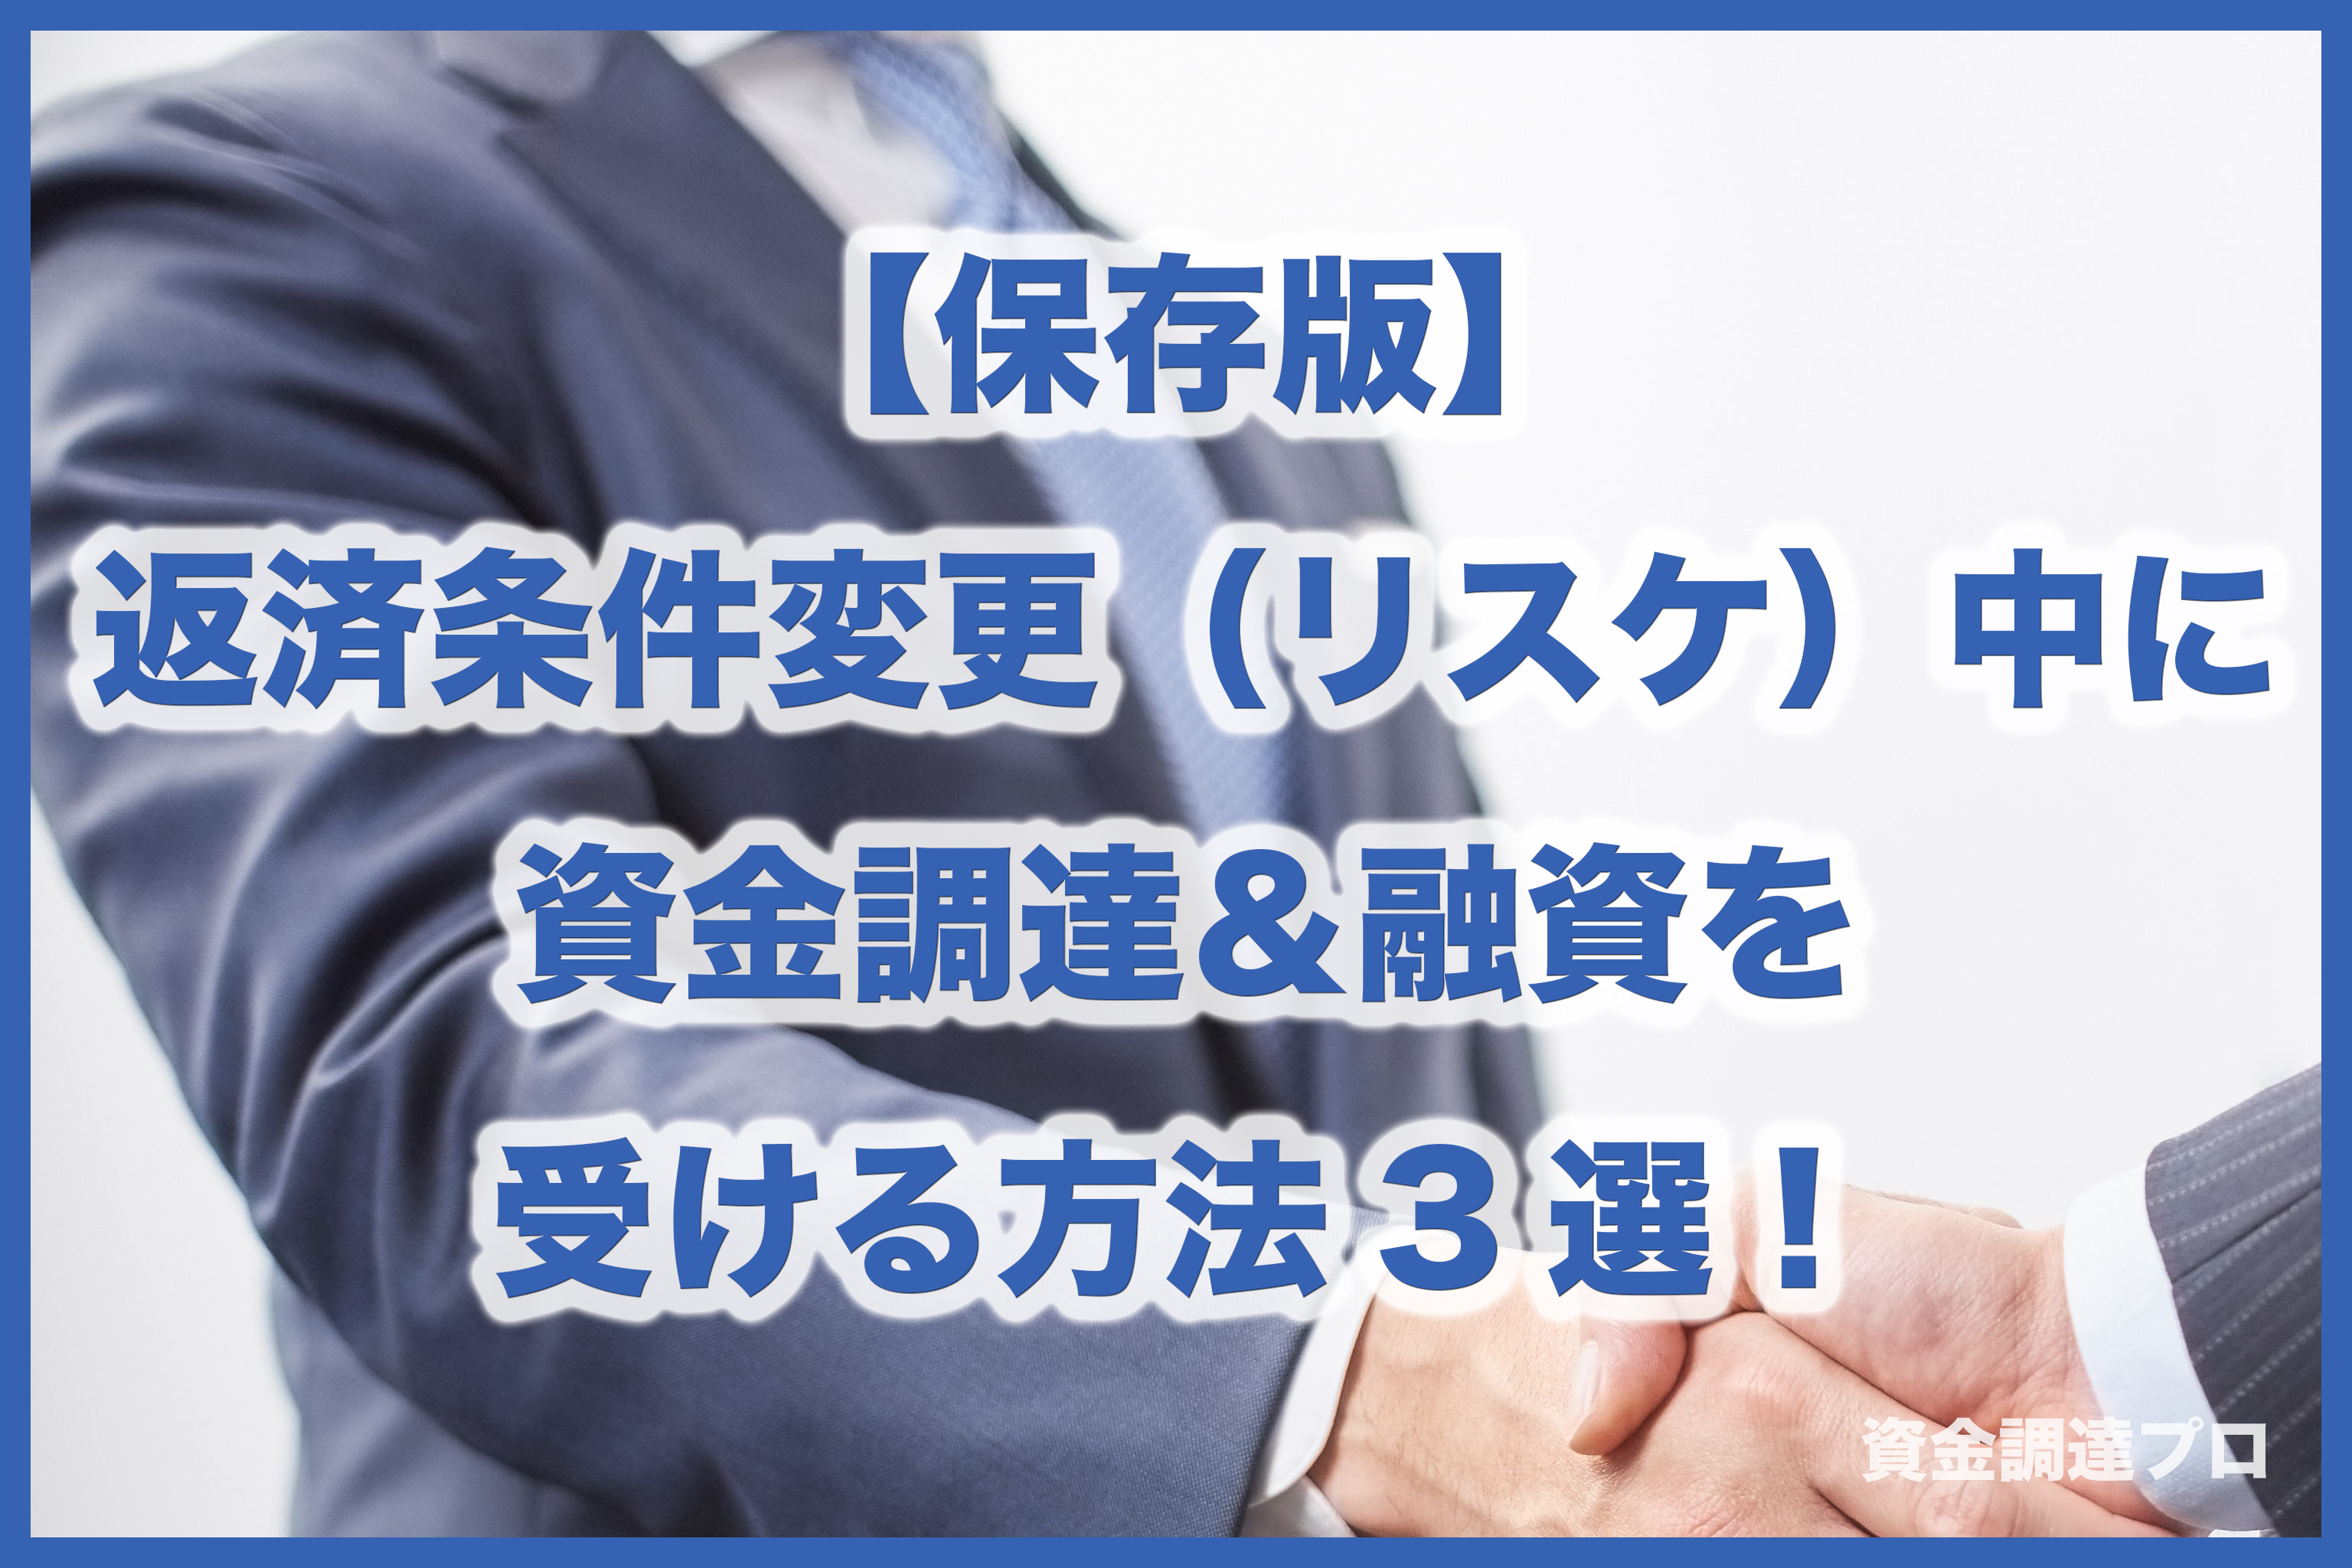 【2020年最新ver】返済条件変更(リスケジュール)中に資金調達&融資を受ける方法3選!